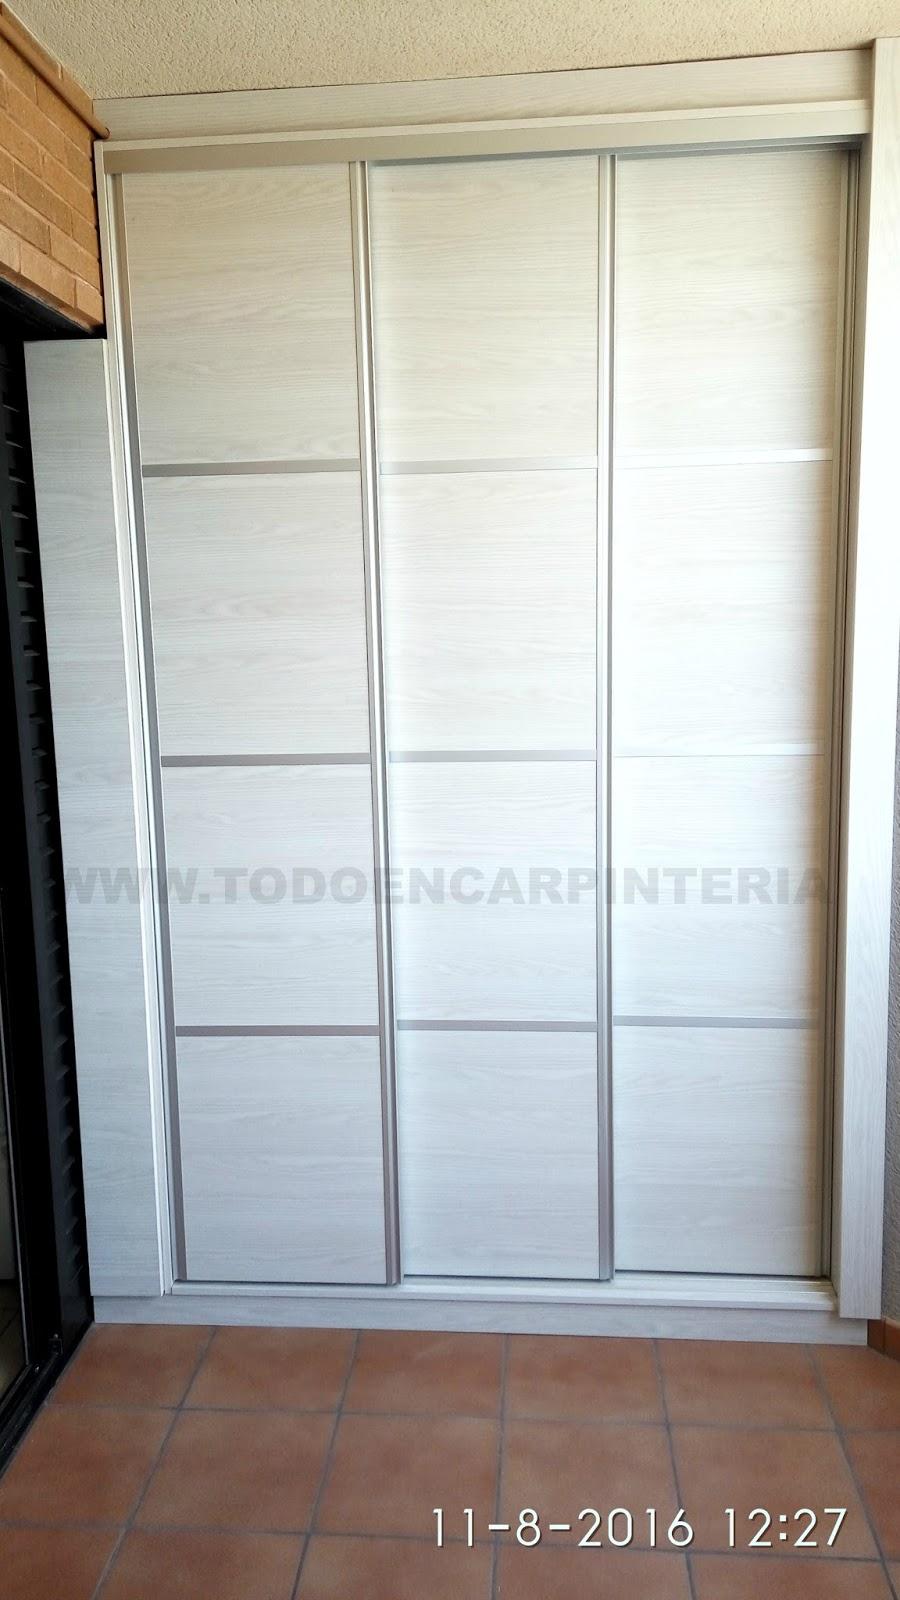 Armario de tres puertas correderas con betas en horizontal todo en carpinter a bricolaje y - Armarios tres puertas ...